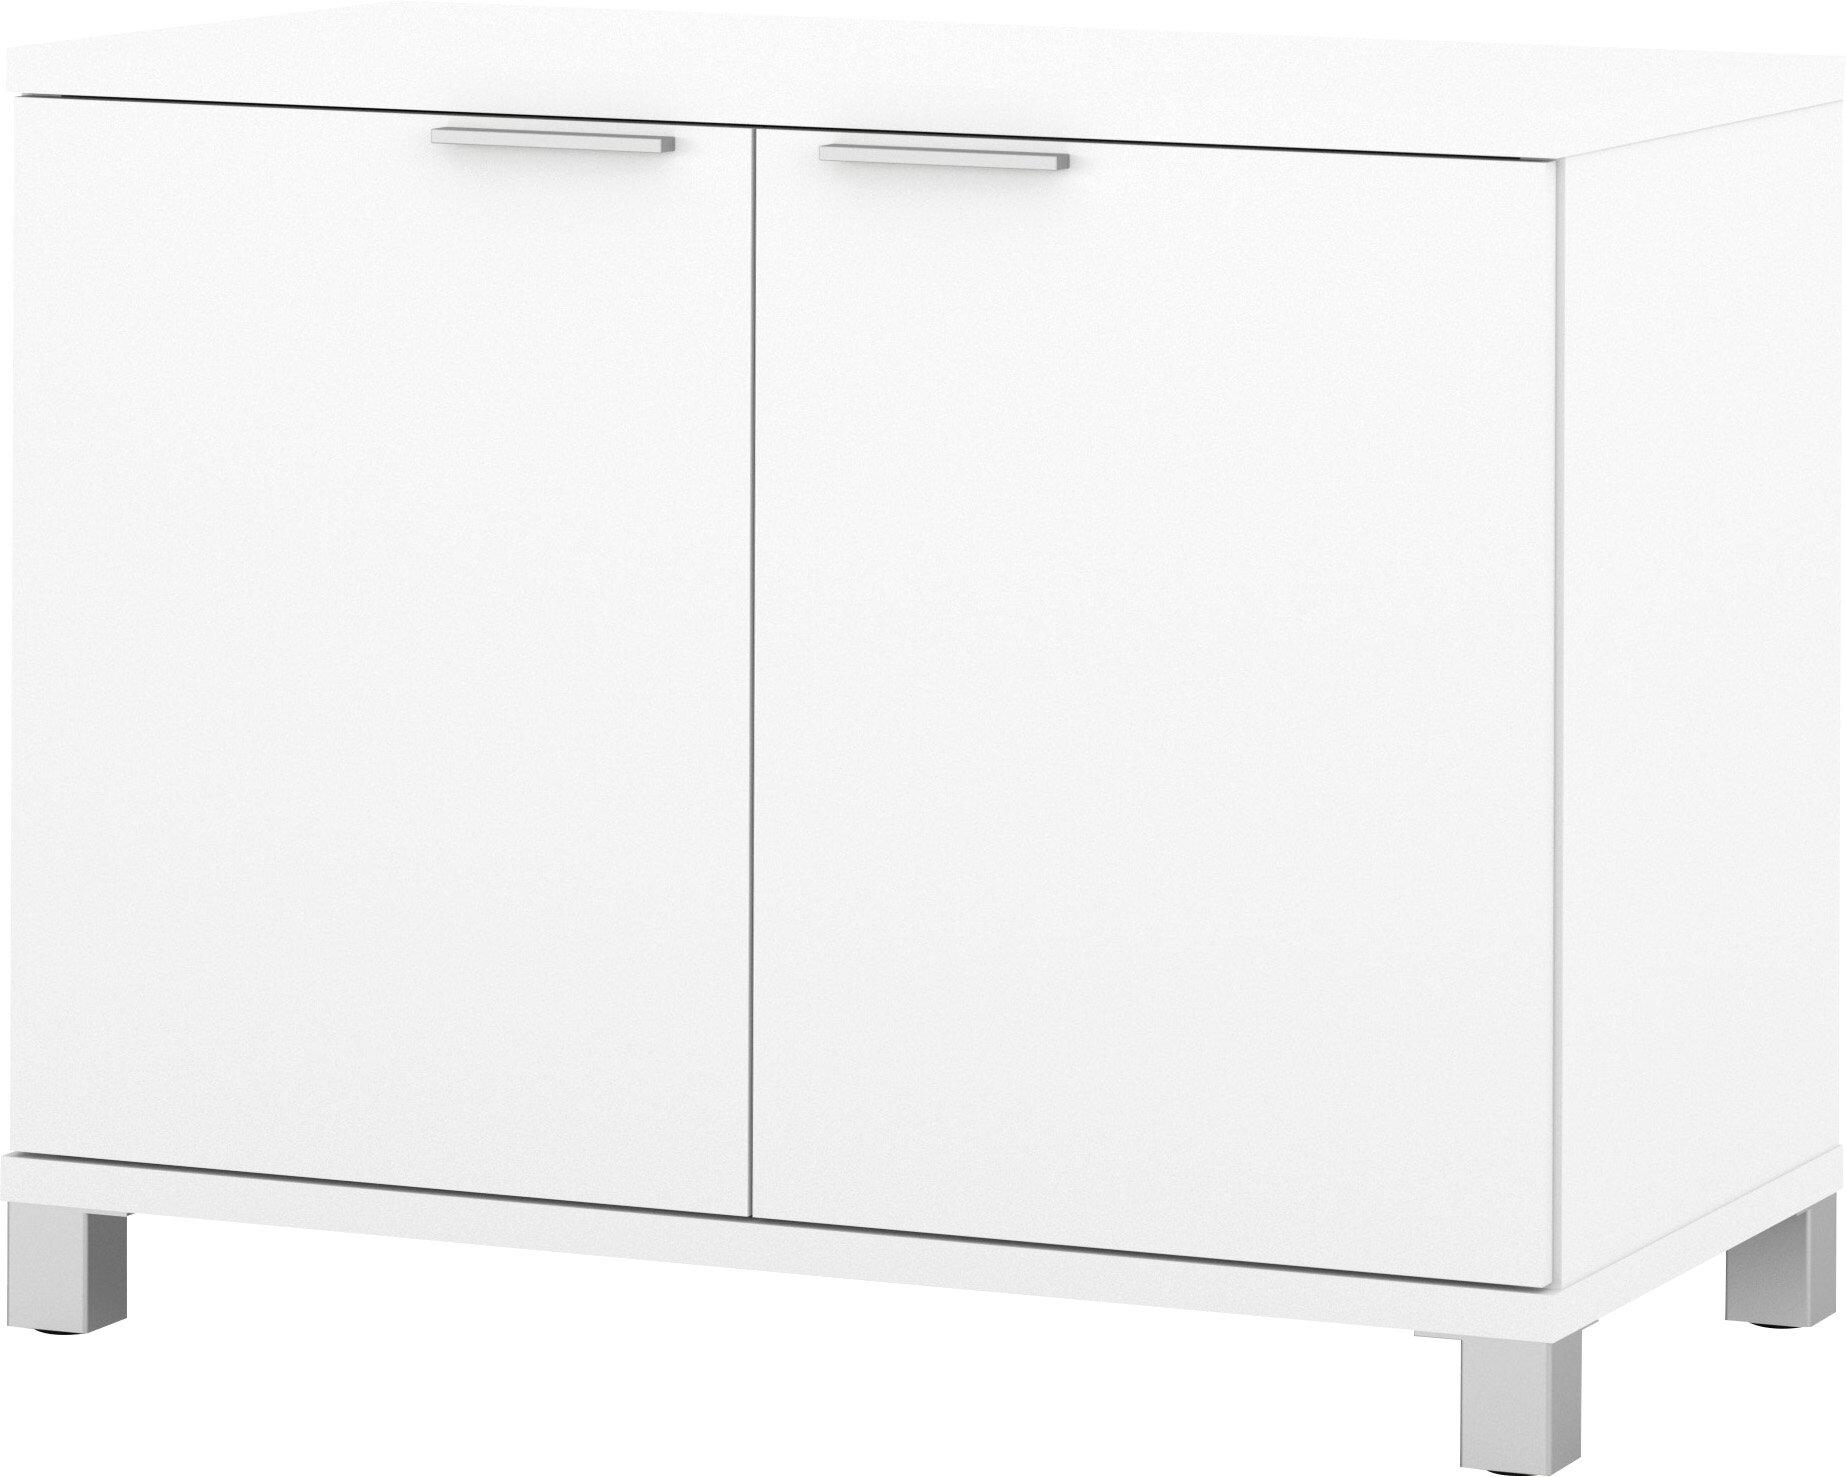 Ariana 2 Door Storage Cabinet Reviews Allmodern